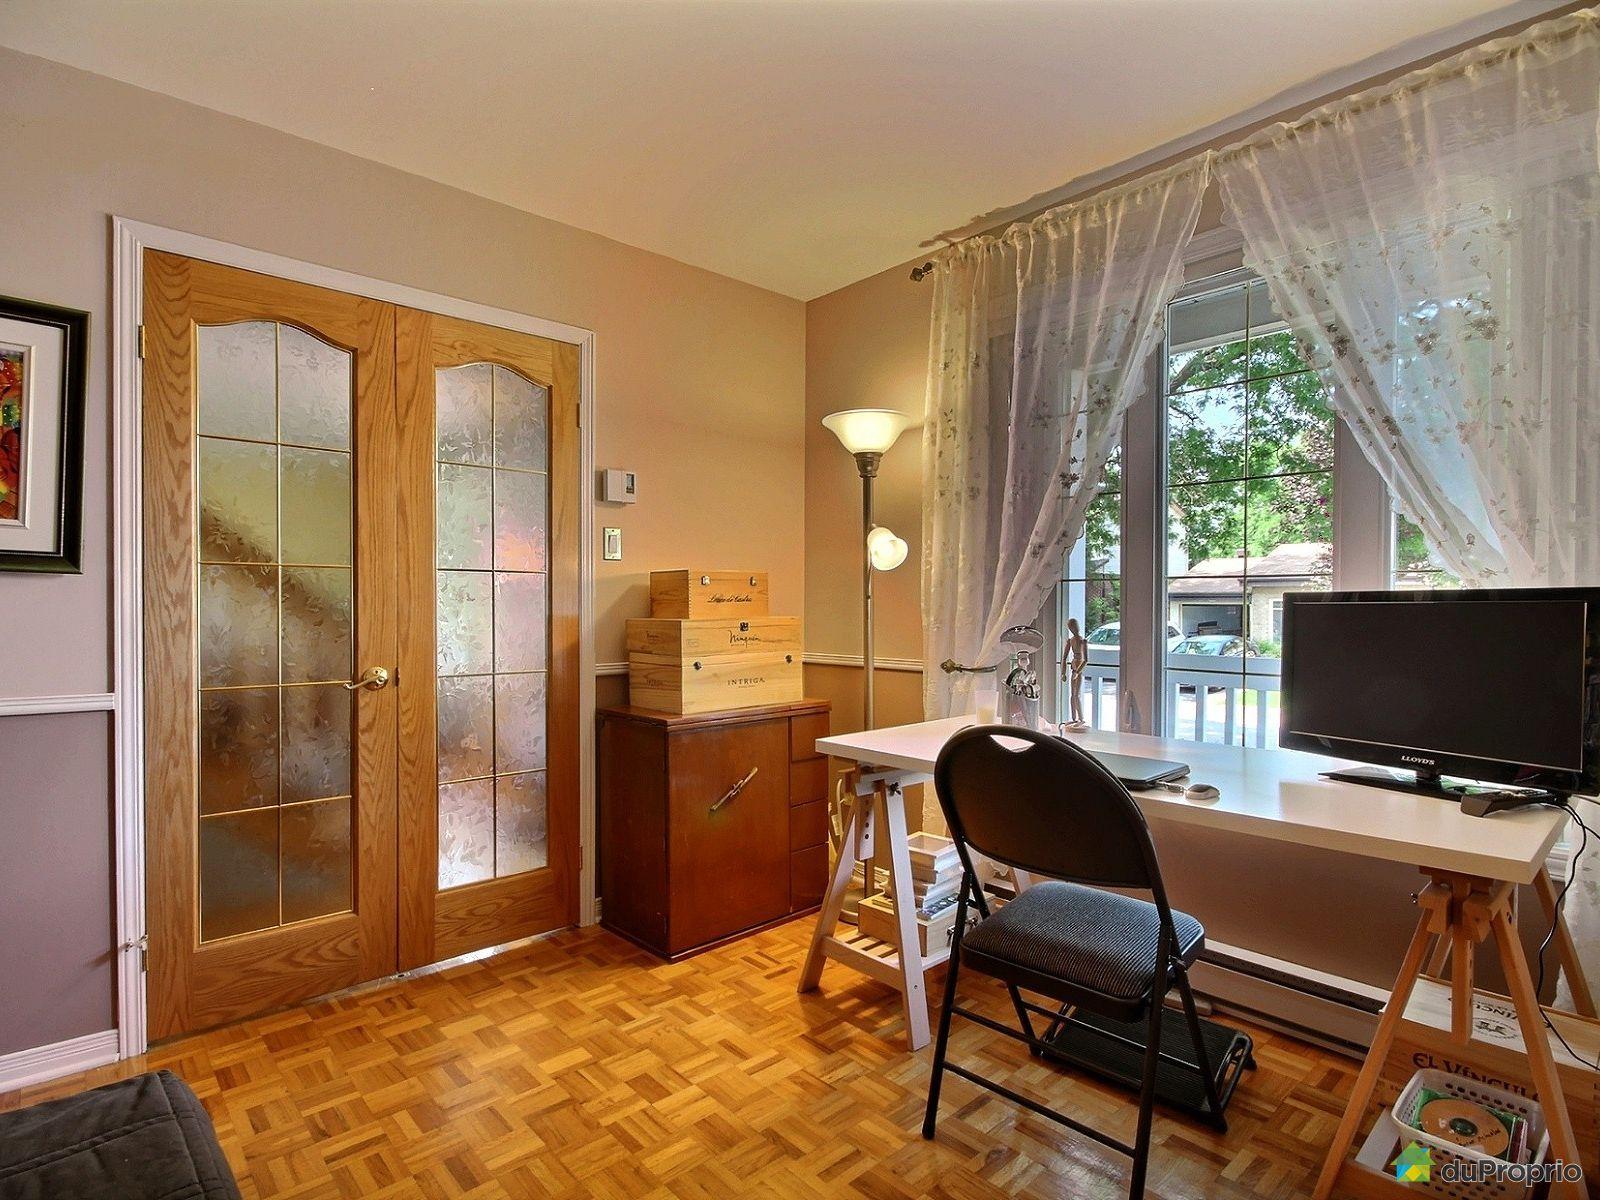 maison vendre varennes 1981 rue girard immobilier qu bec duproprio 714577. Black Bedroom Furniture Sets. Home Design Ideas